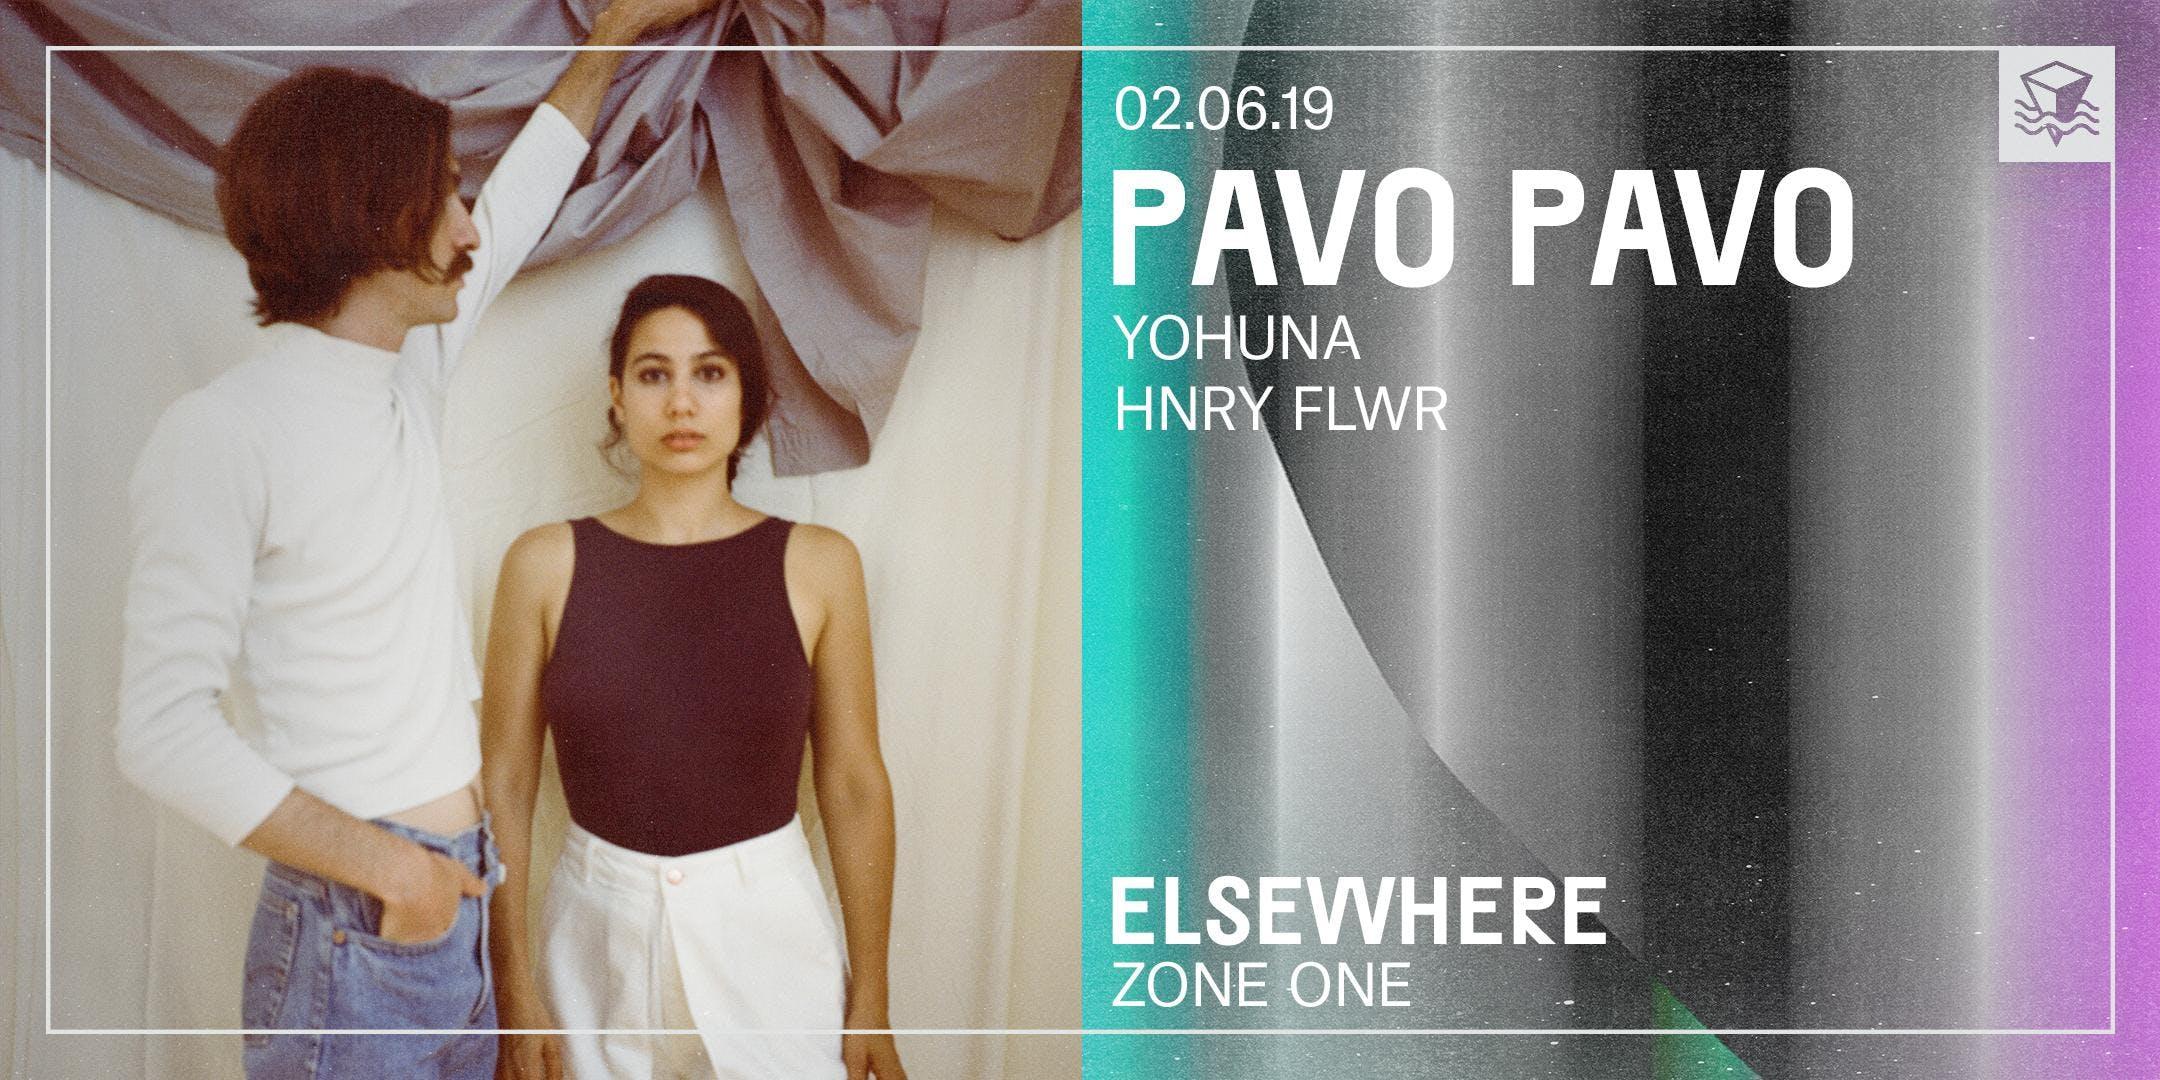 Pavo Pavo (Album Release!)